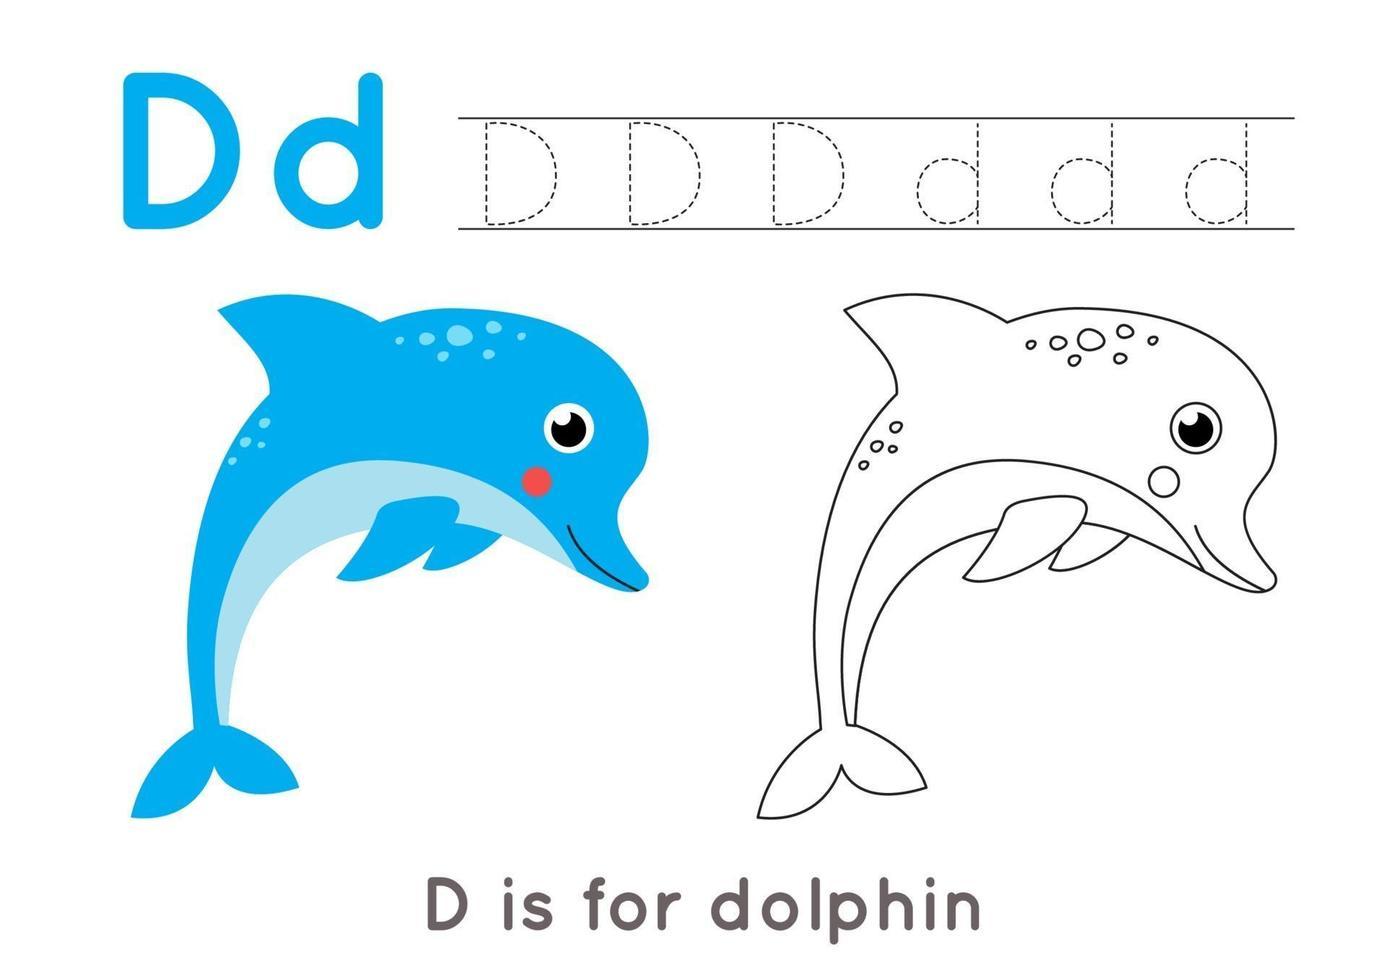 målarbok med bokstaven d och söt tecknad delfin. vektor